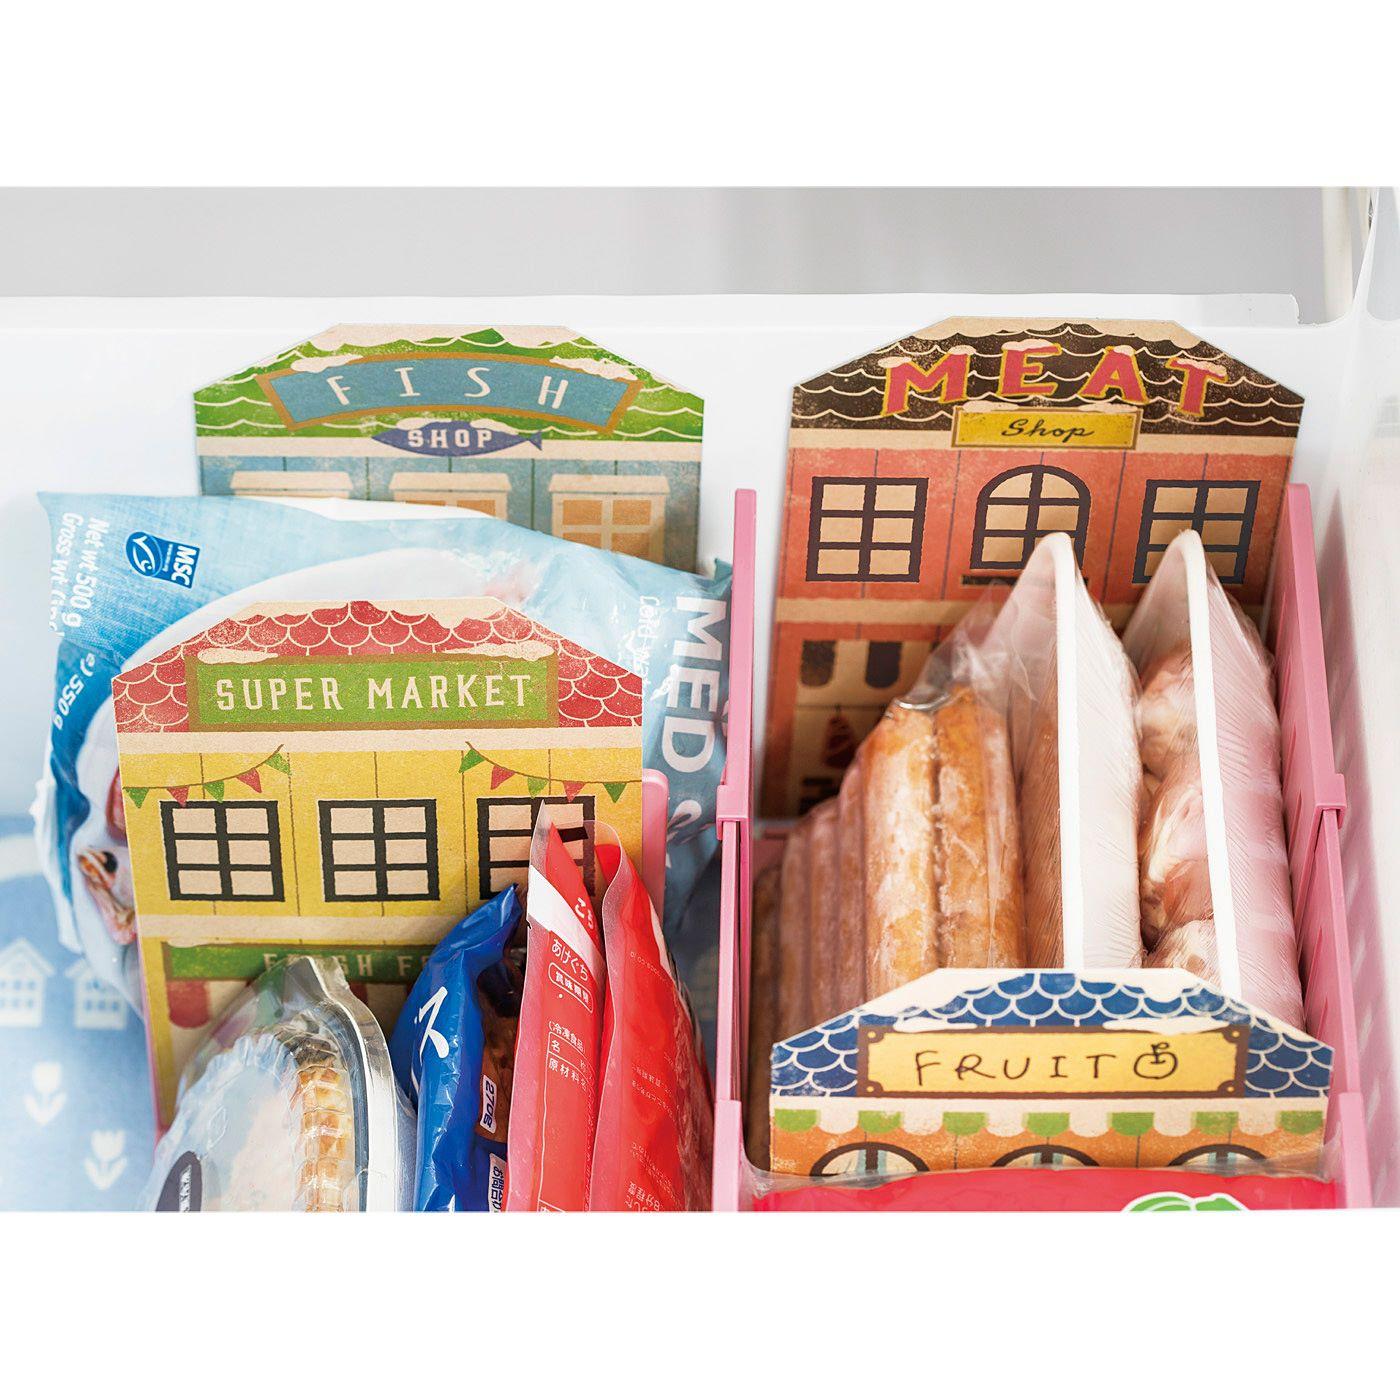 仕切りセット いちばん大きな仕切りは、幅21~28.5cmまで伸縮可能。冷凍庫の大きさや収納する食材の量に合わせて使って!